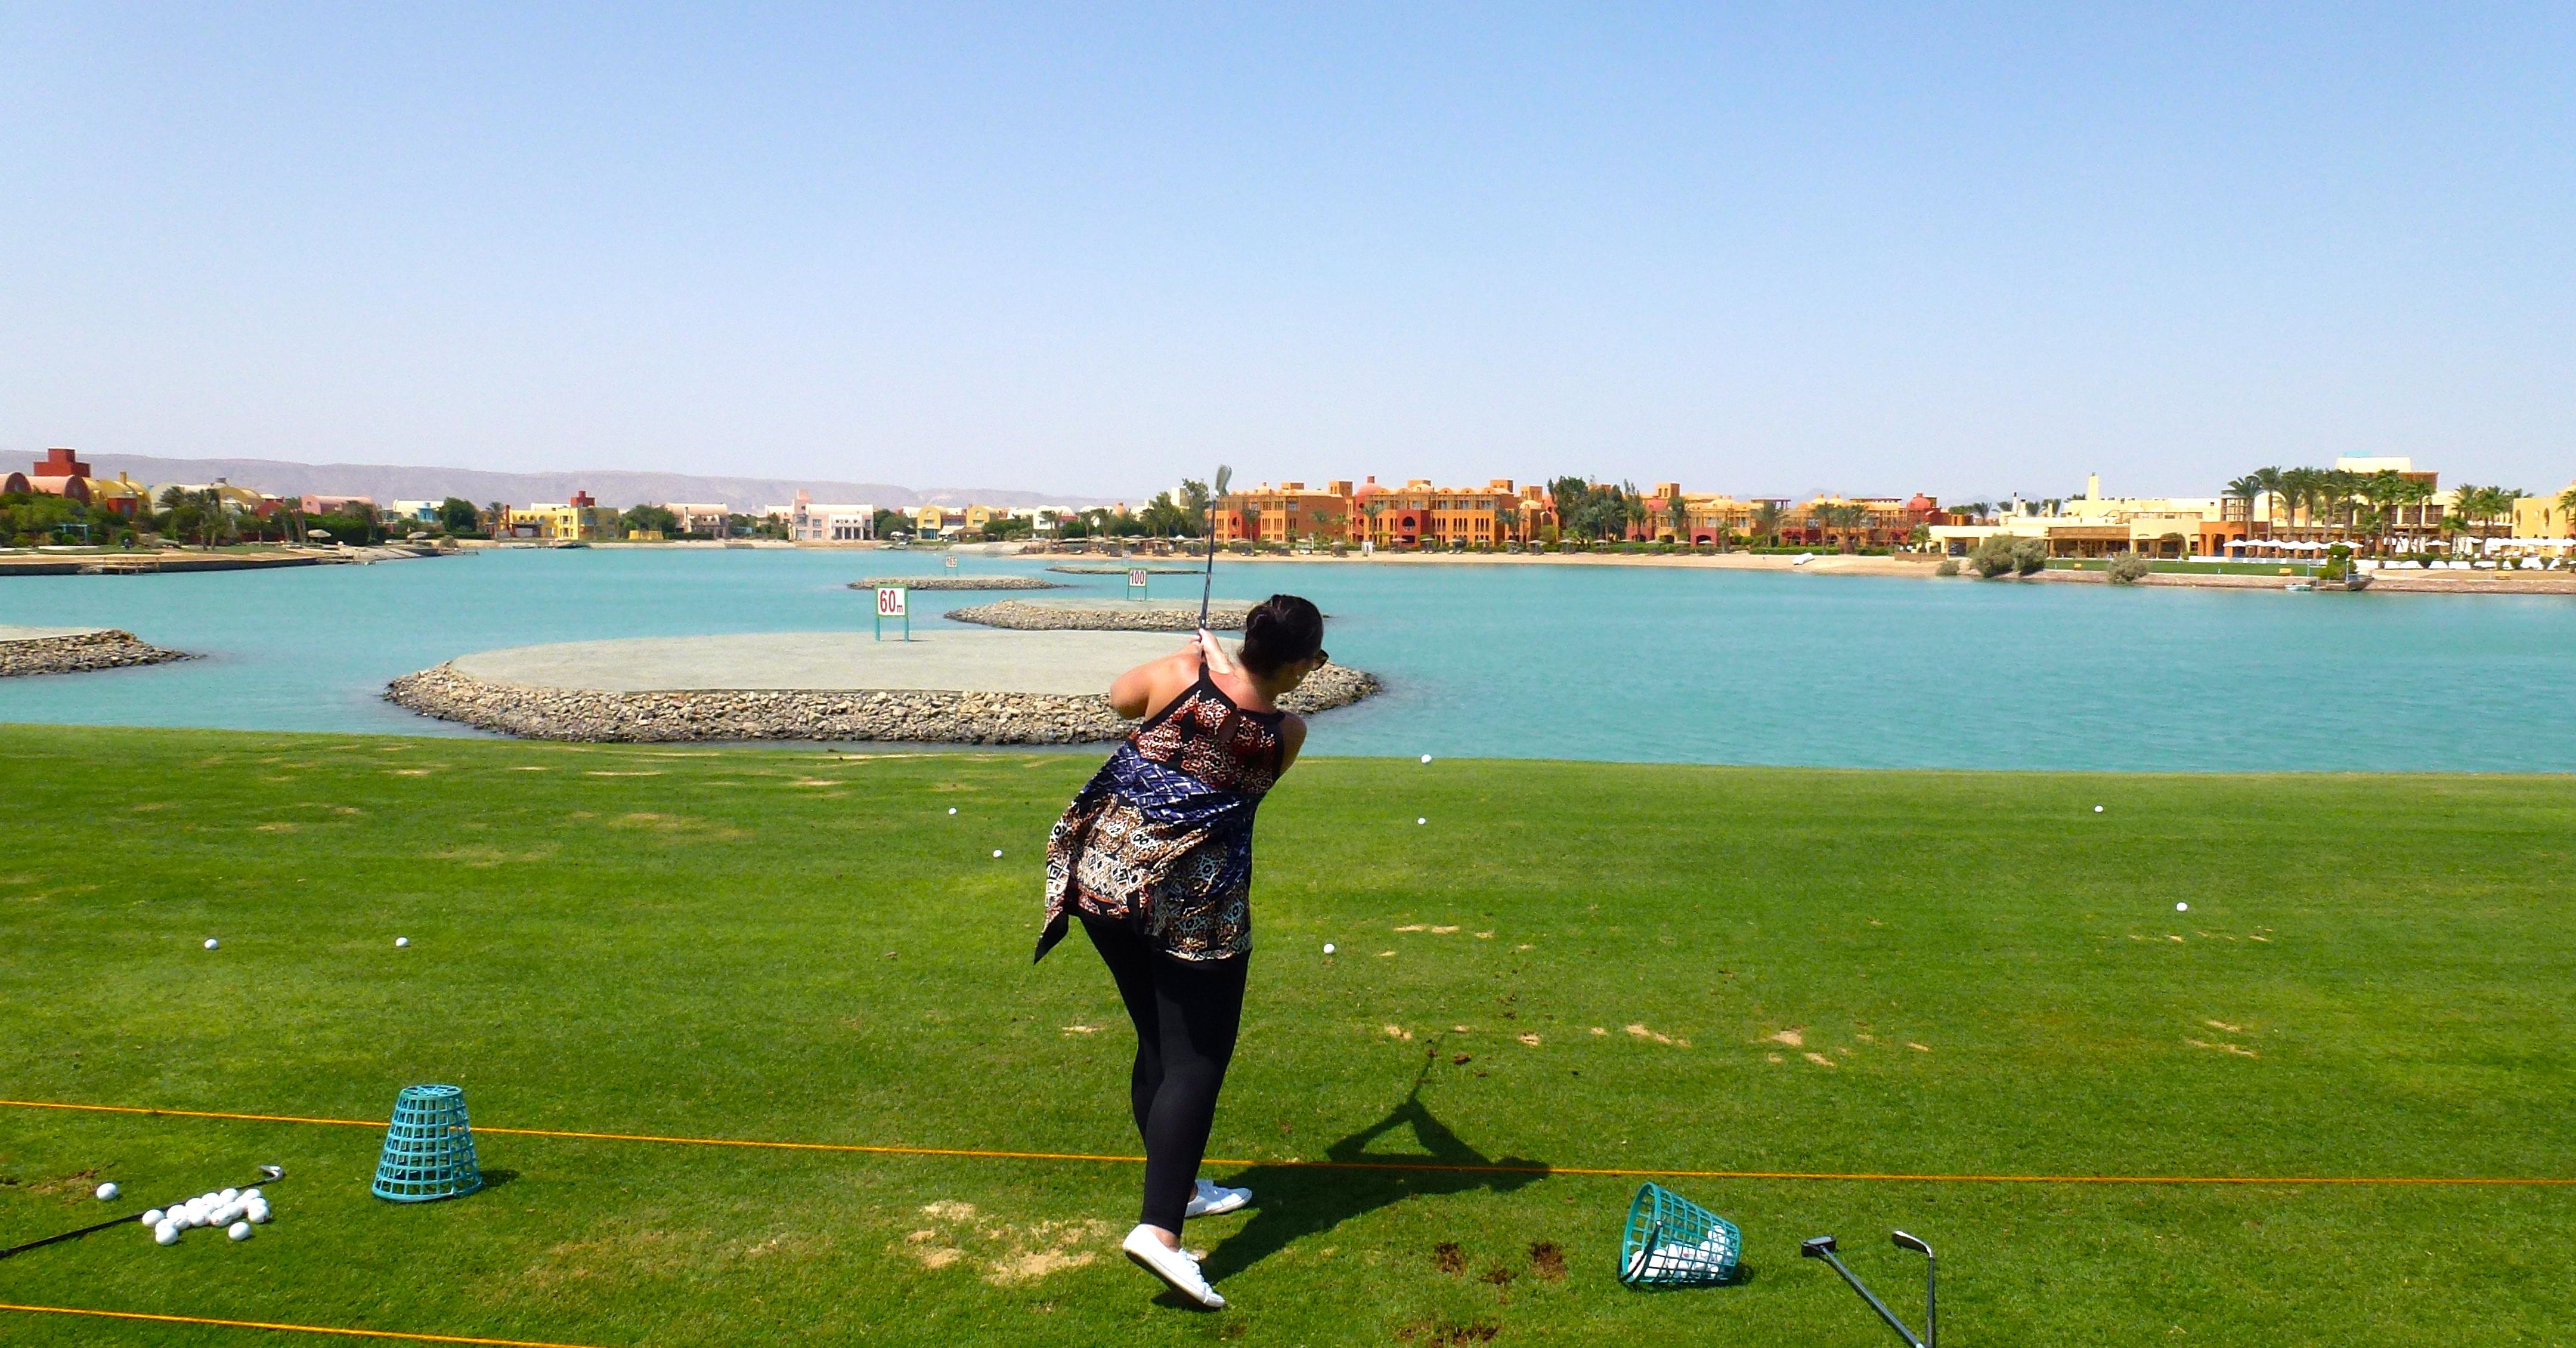 Golfing in El Gouna